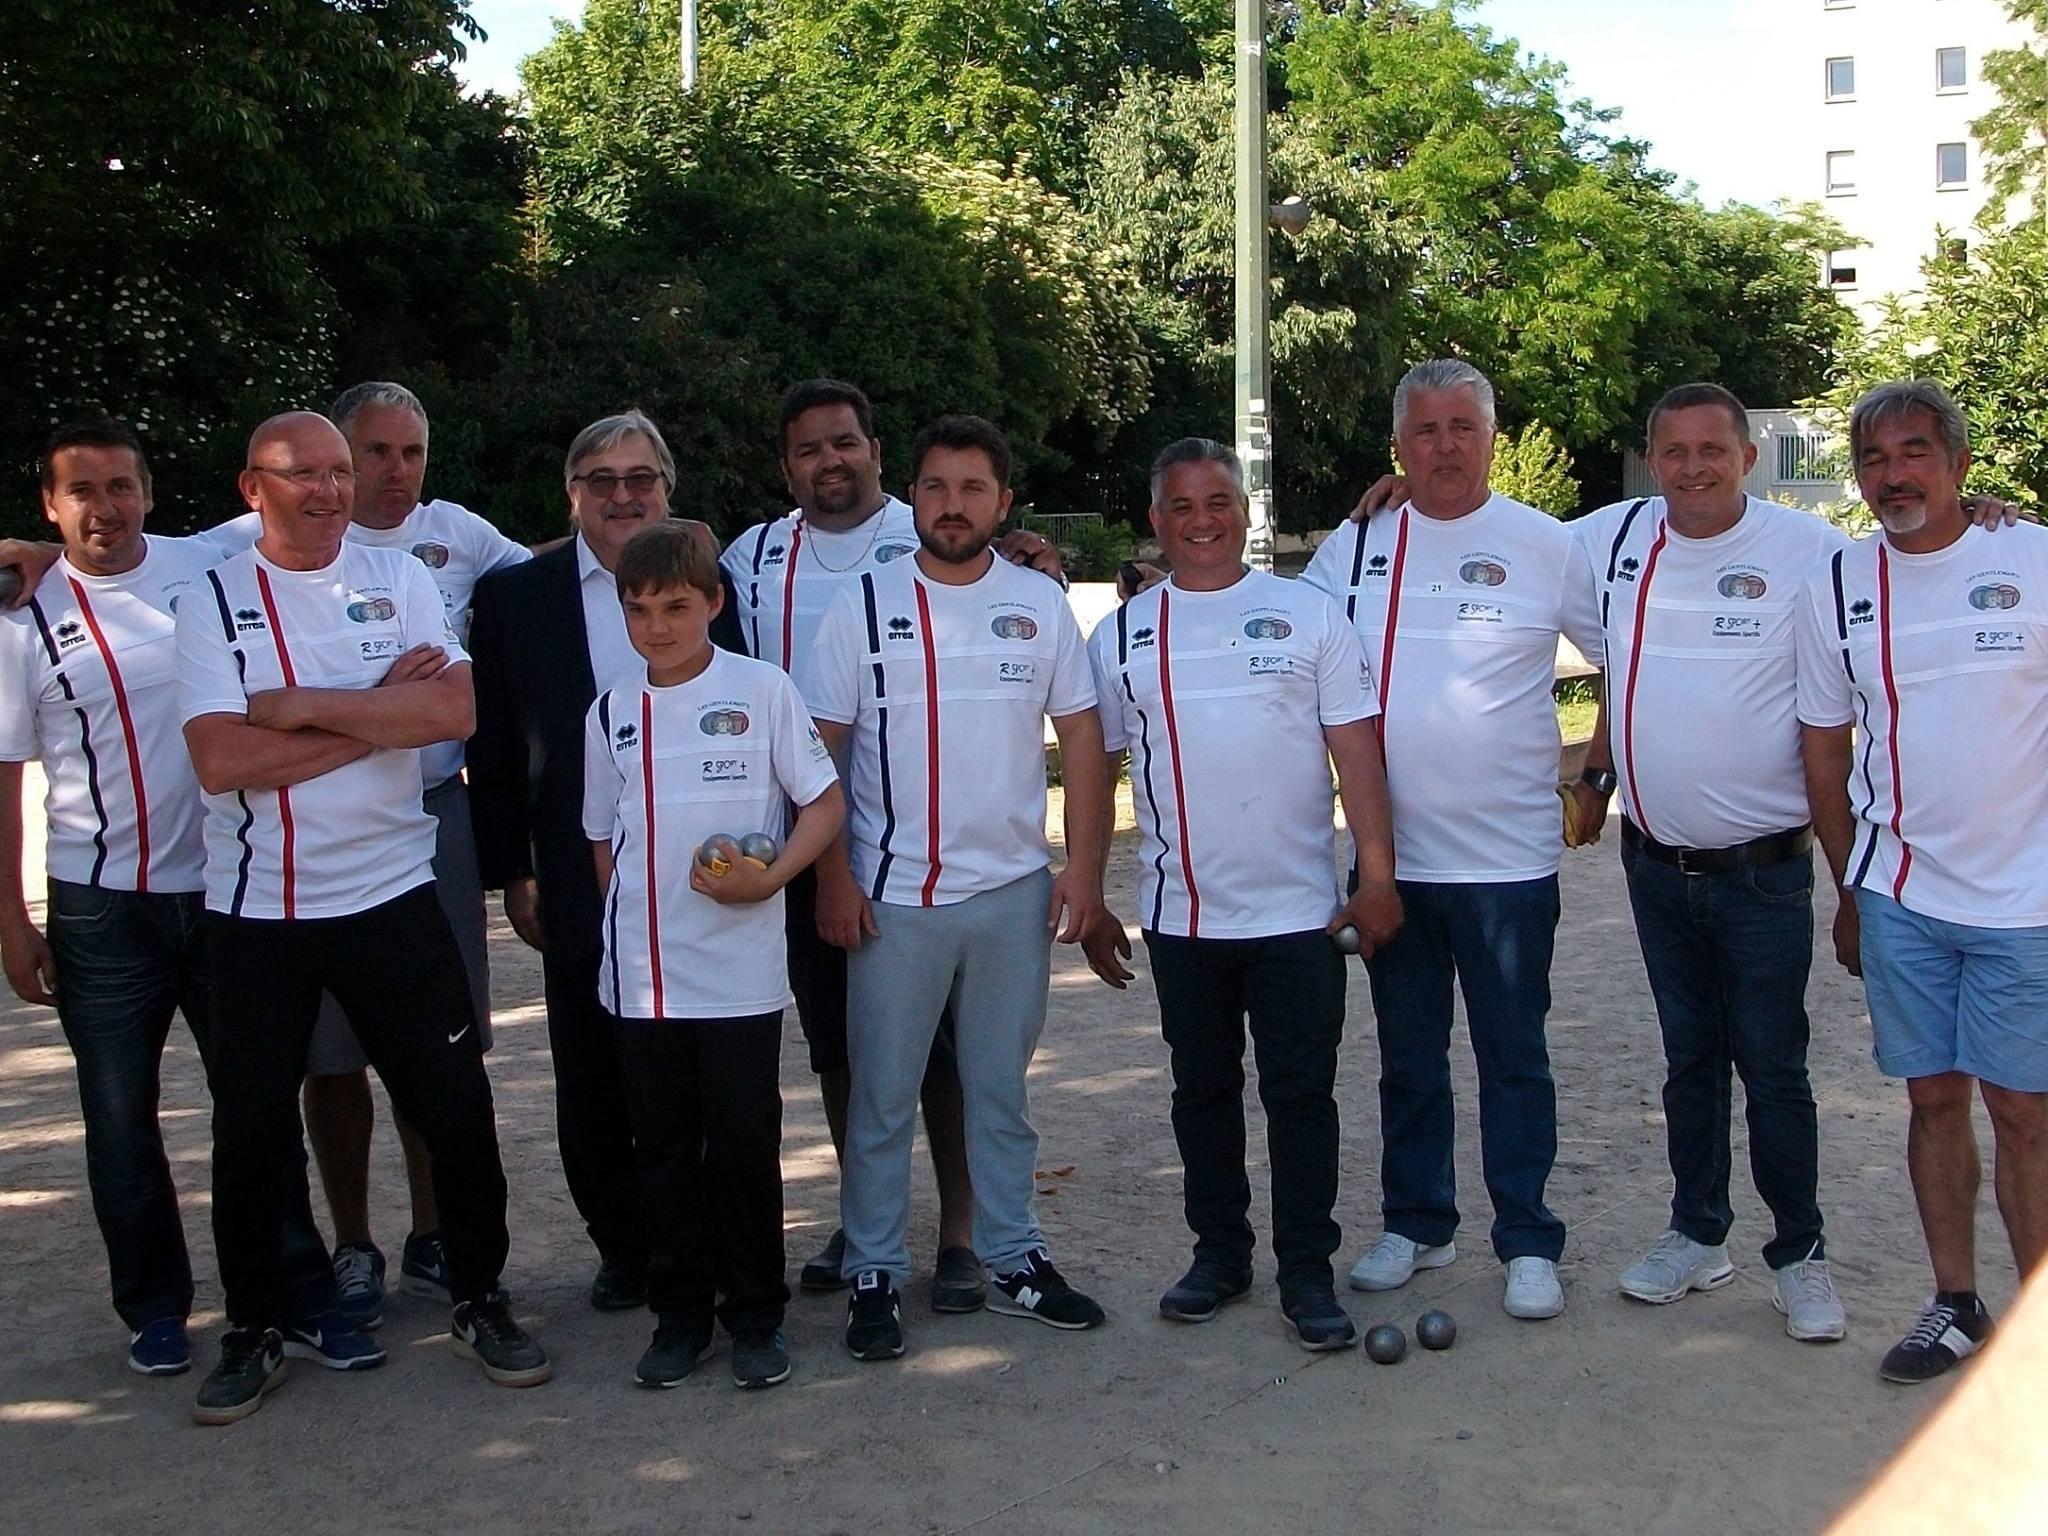 Association EVA foire du trône Paris 23/05/2017